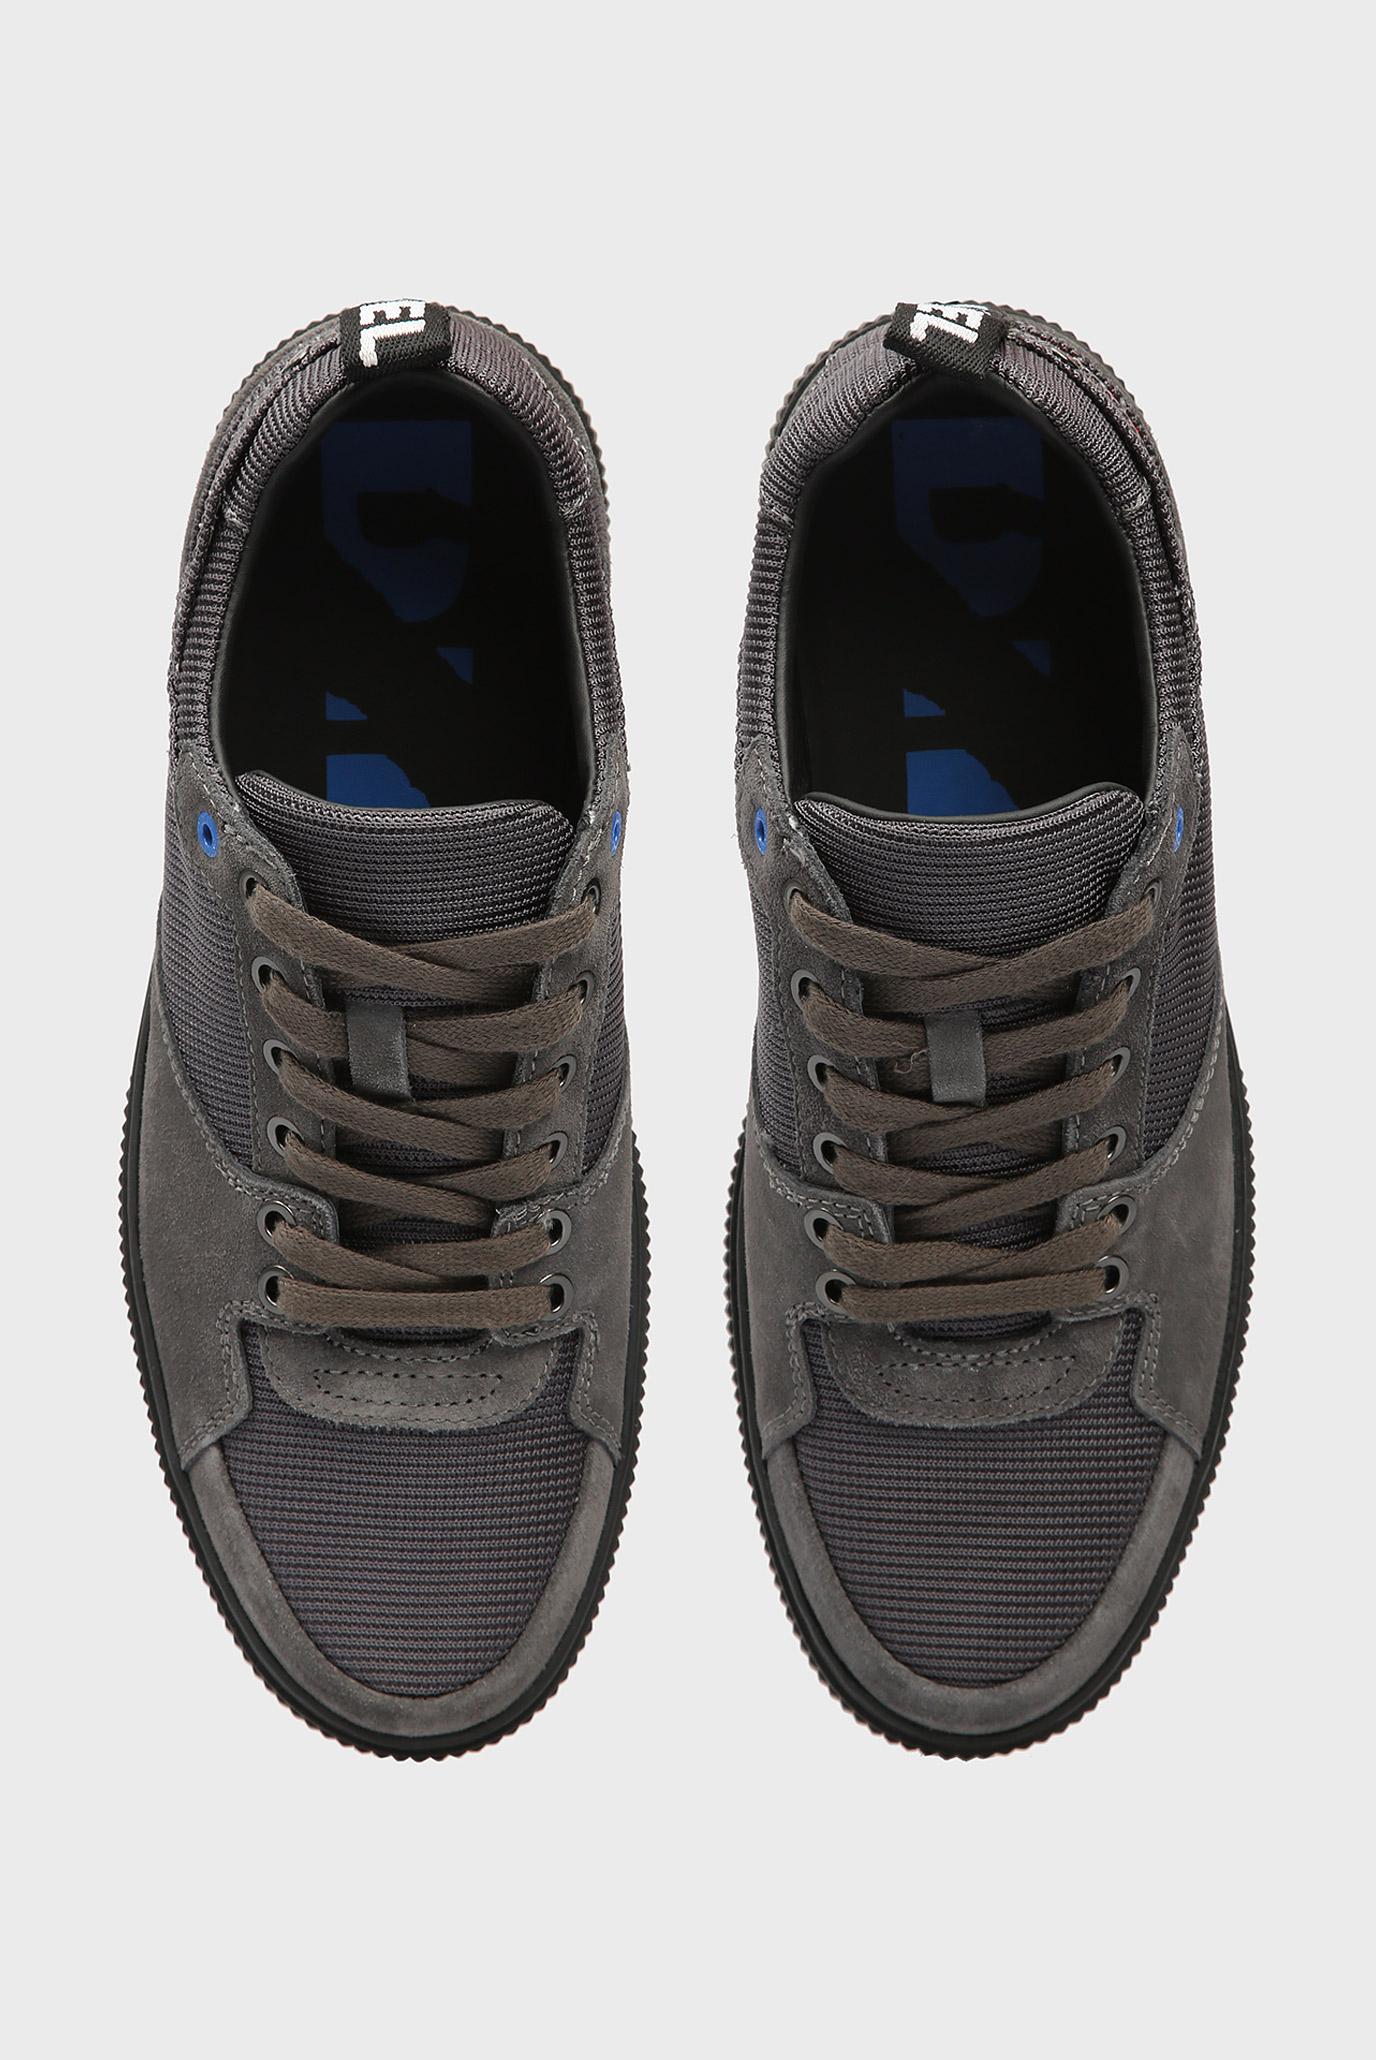 Купить Мужские серые кроссовки DANNY / S-DANNY  Diesel Diesel Y01799 P1765 – Киев, Украина. Цены в интернет магазине MD Fashion